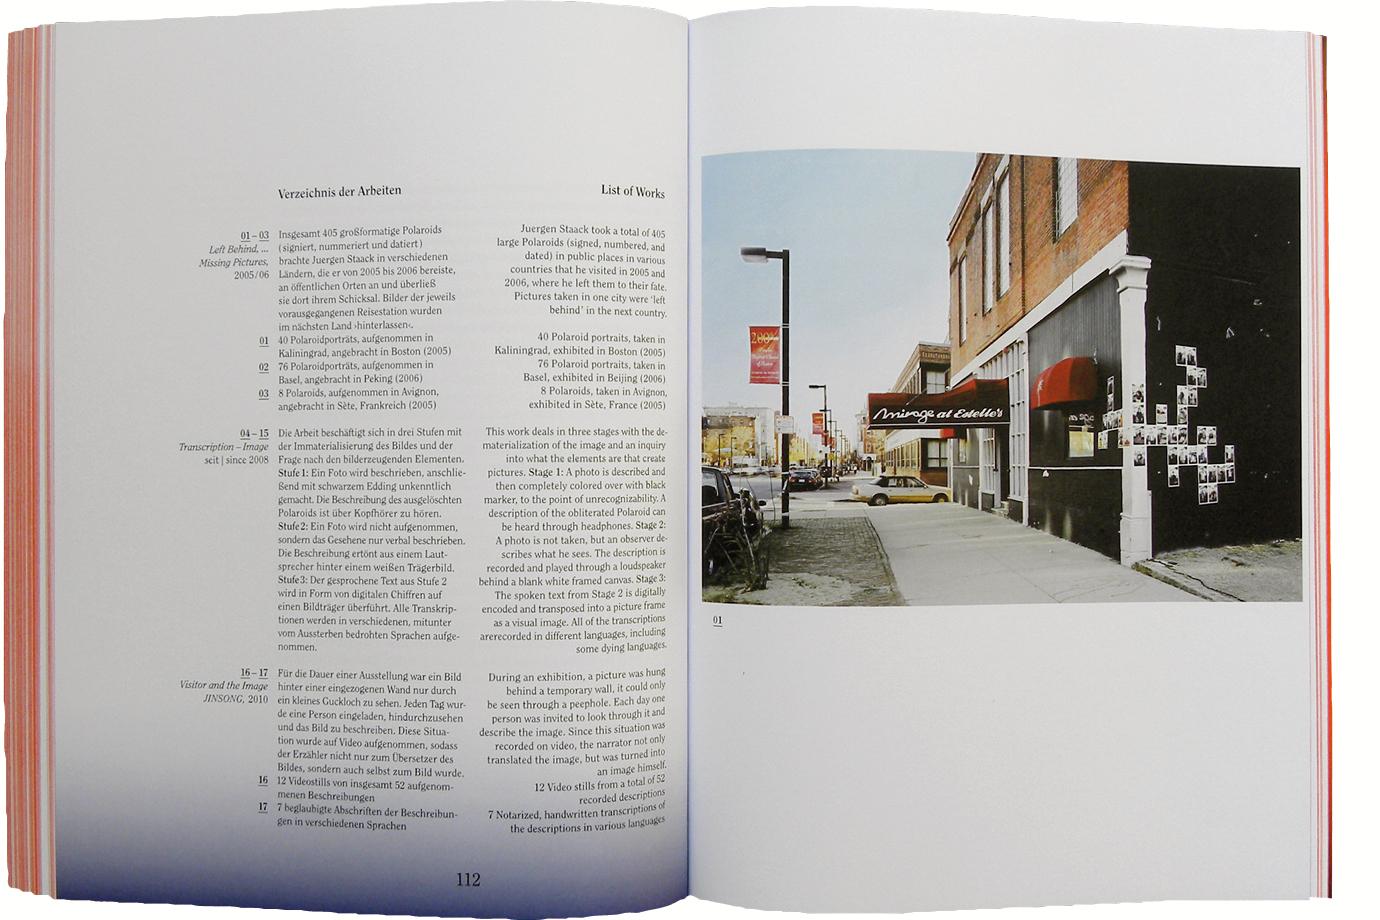 http://e-o-t.de/wordpress/wp-content/uploads/2017/07/eot-2011_Ars-Viva_Book_15.jpg